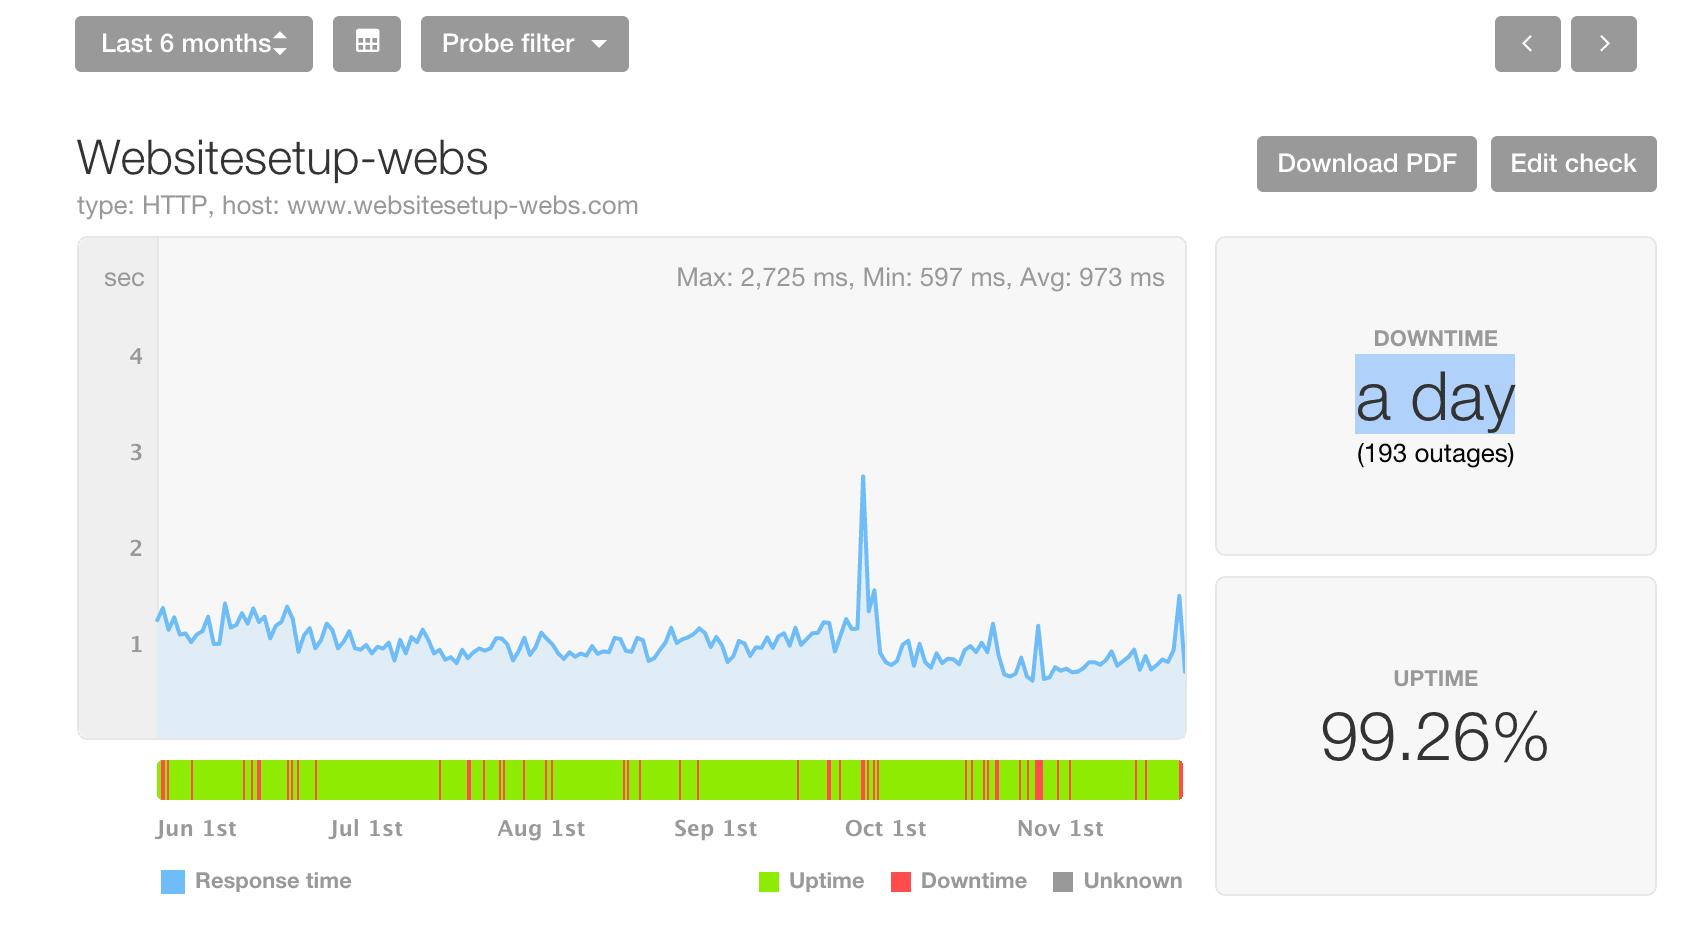 Webs.com performance review